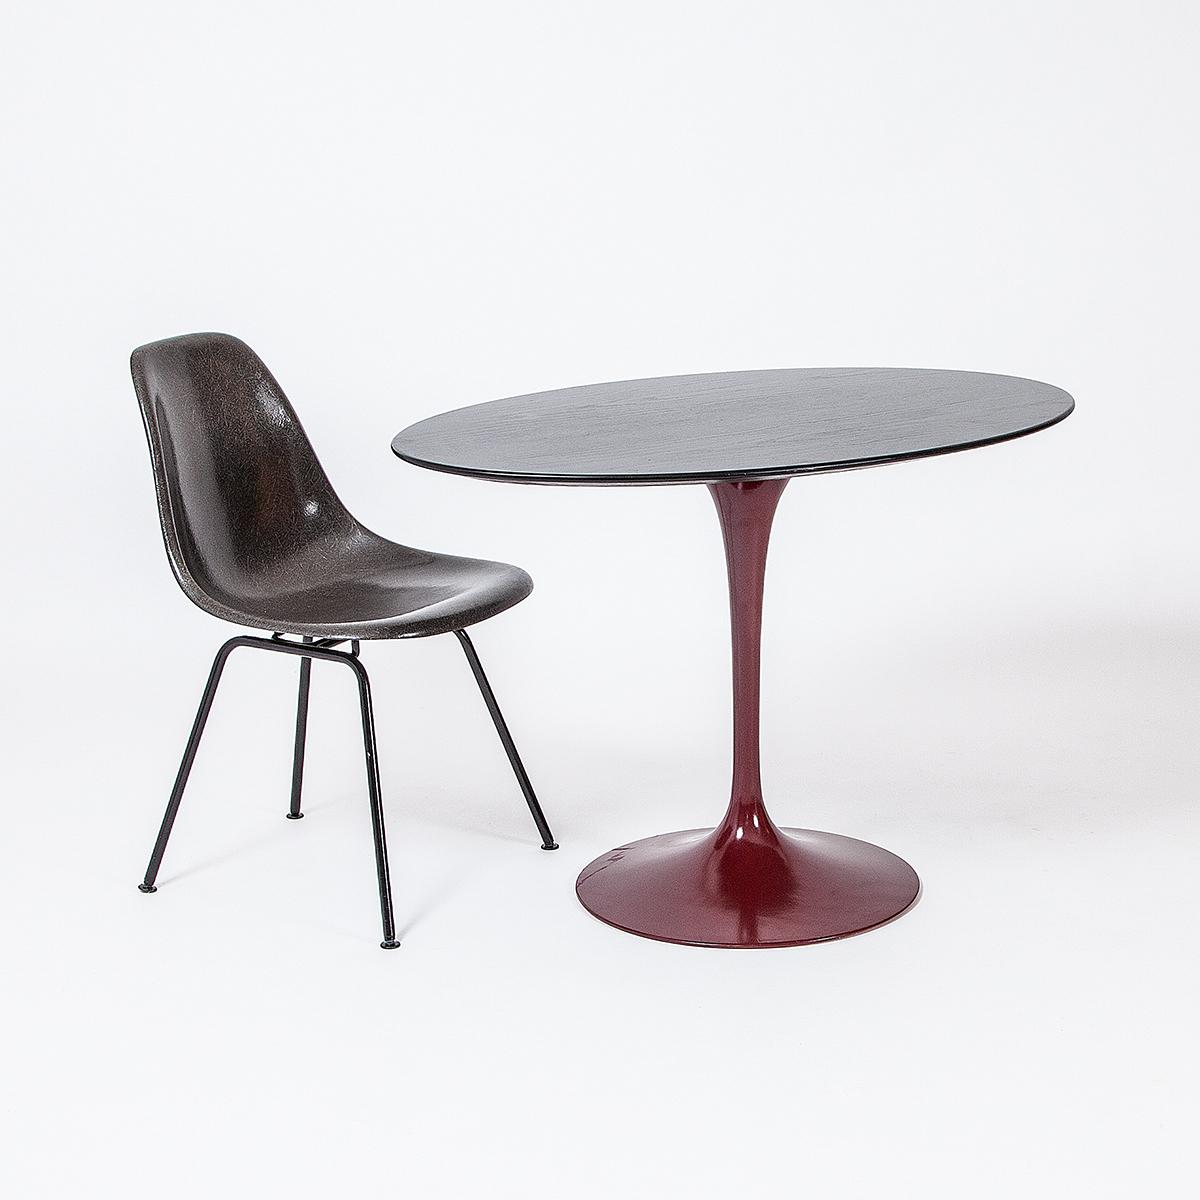 saarinen tisch oval m bel z rich vintagem bel. Black Bedroom Furniture Sets. Home Design Ideas